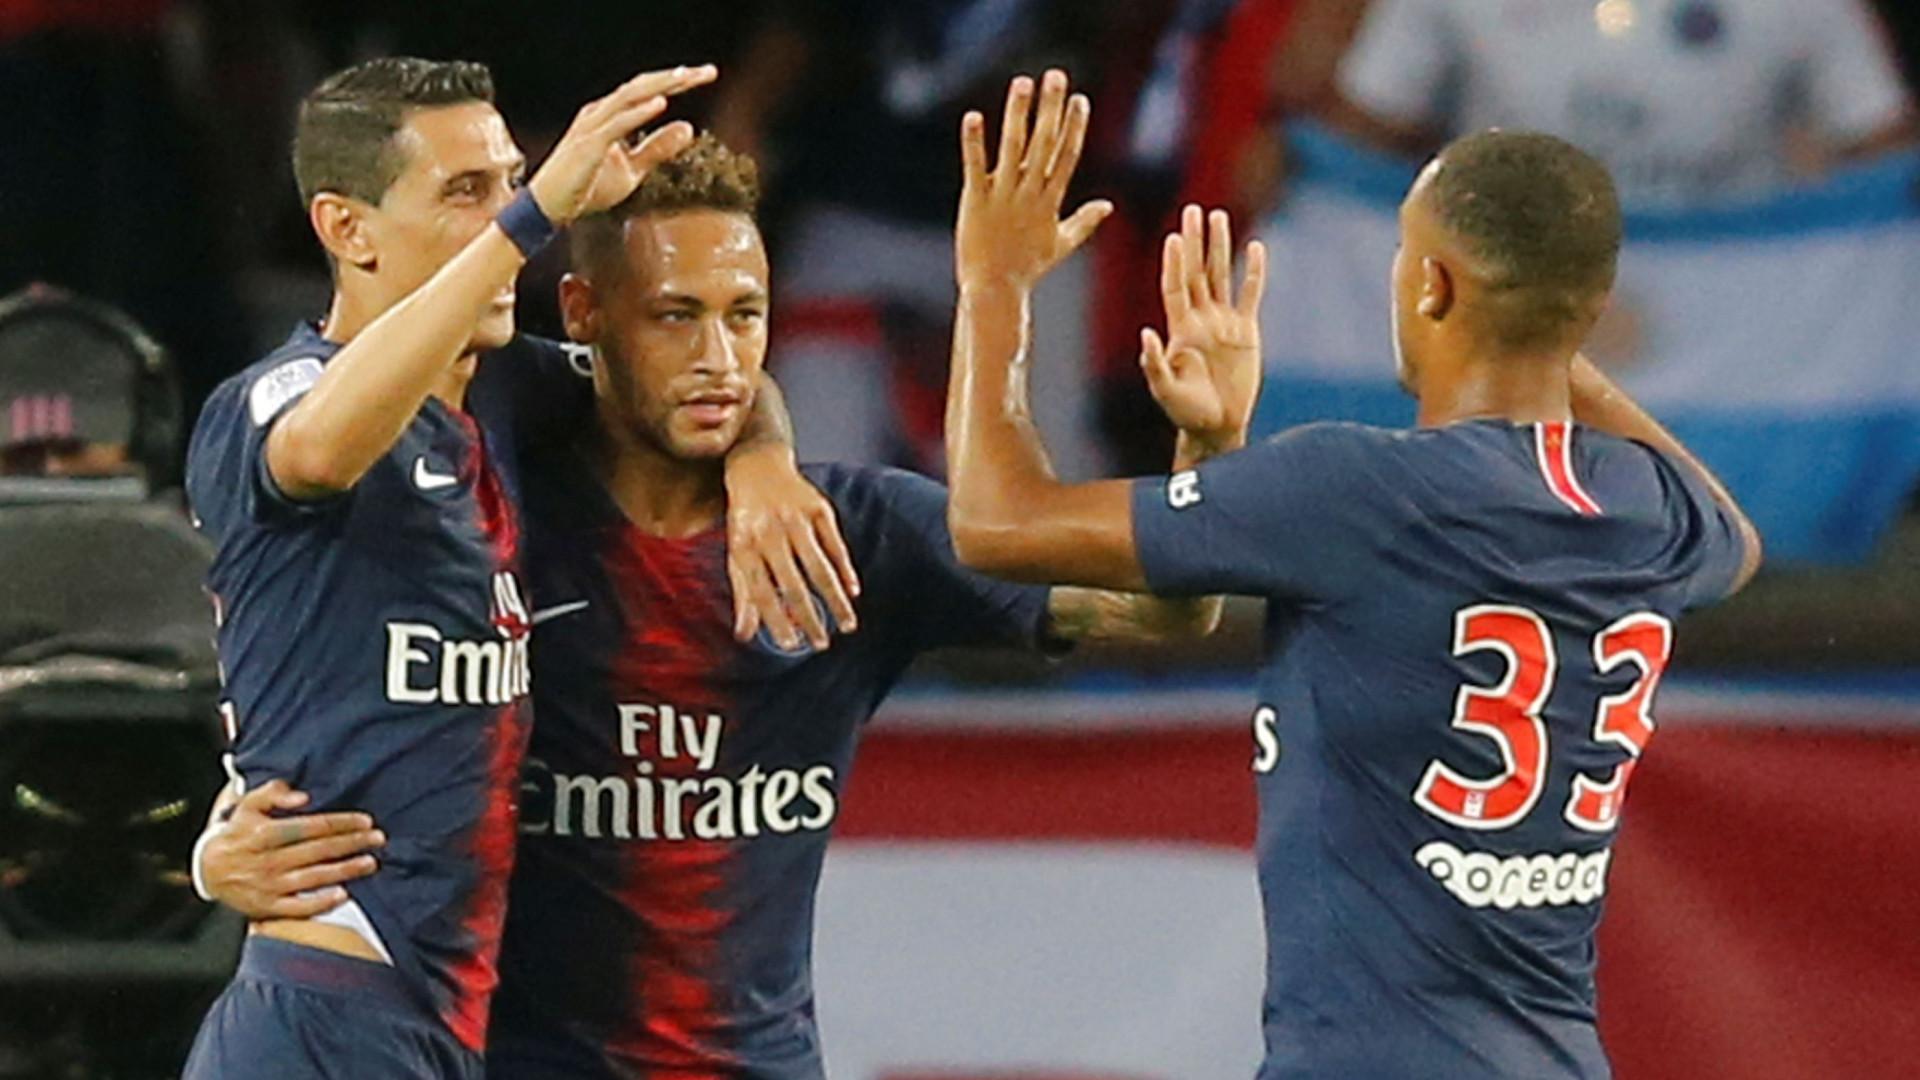 PSG entra no campeonato a vencer com a ajuda de Neymar